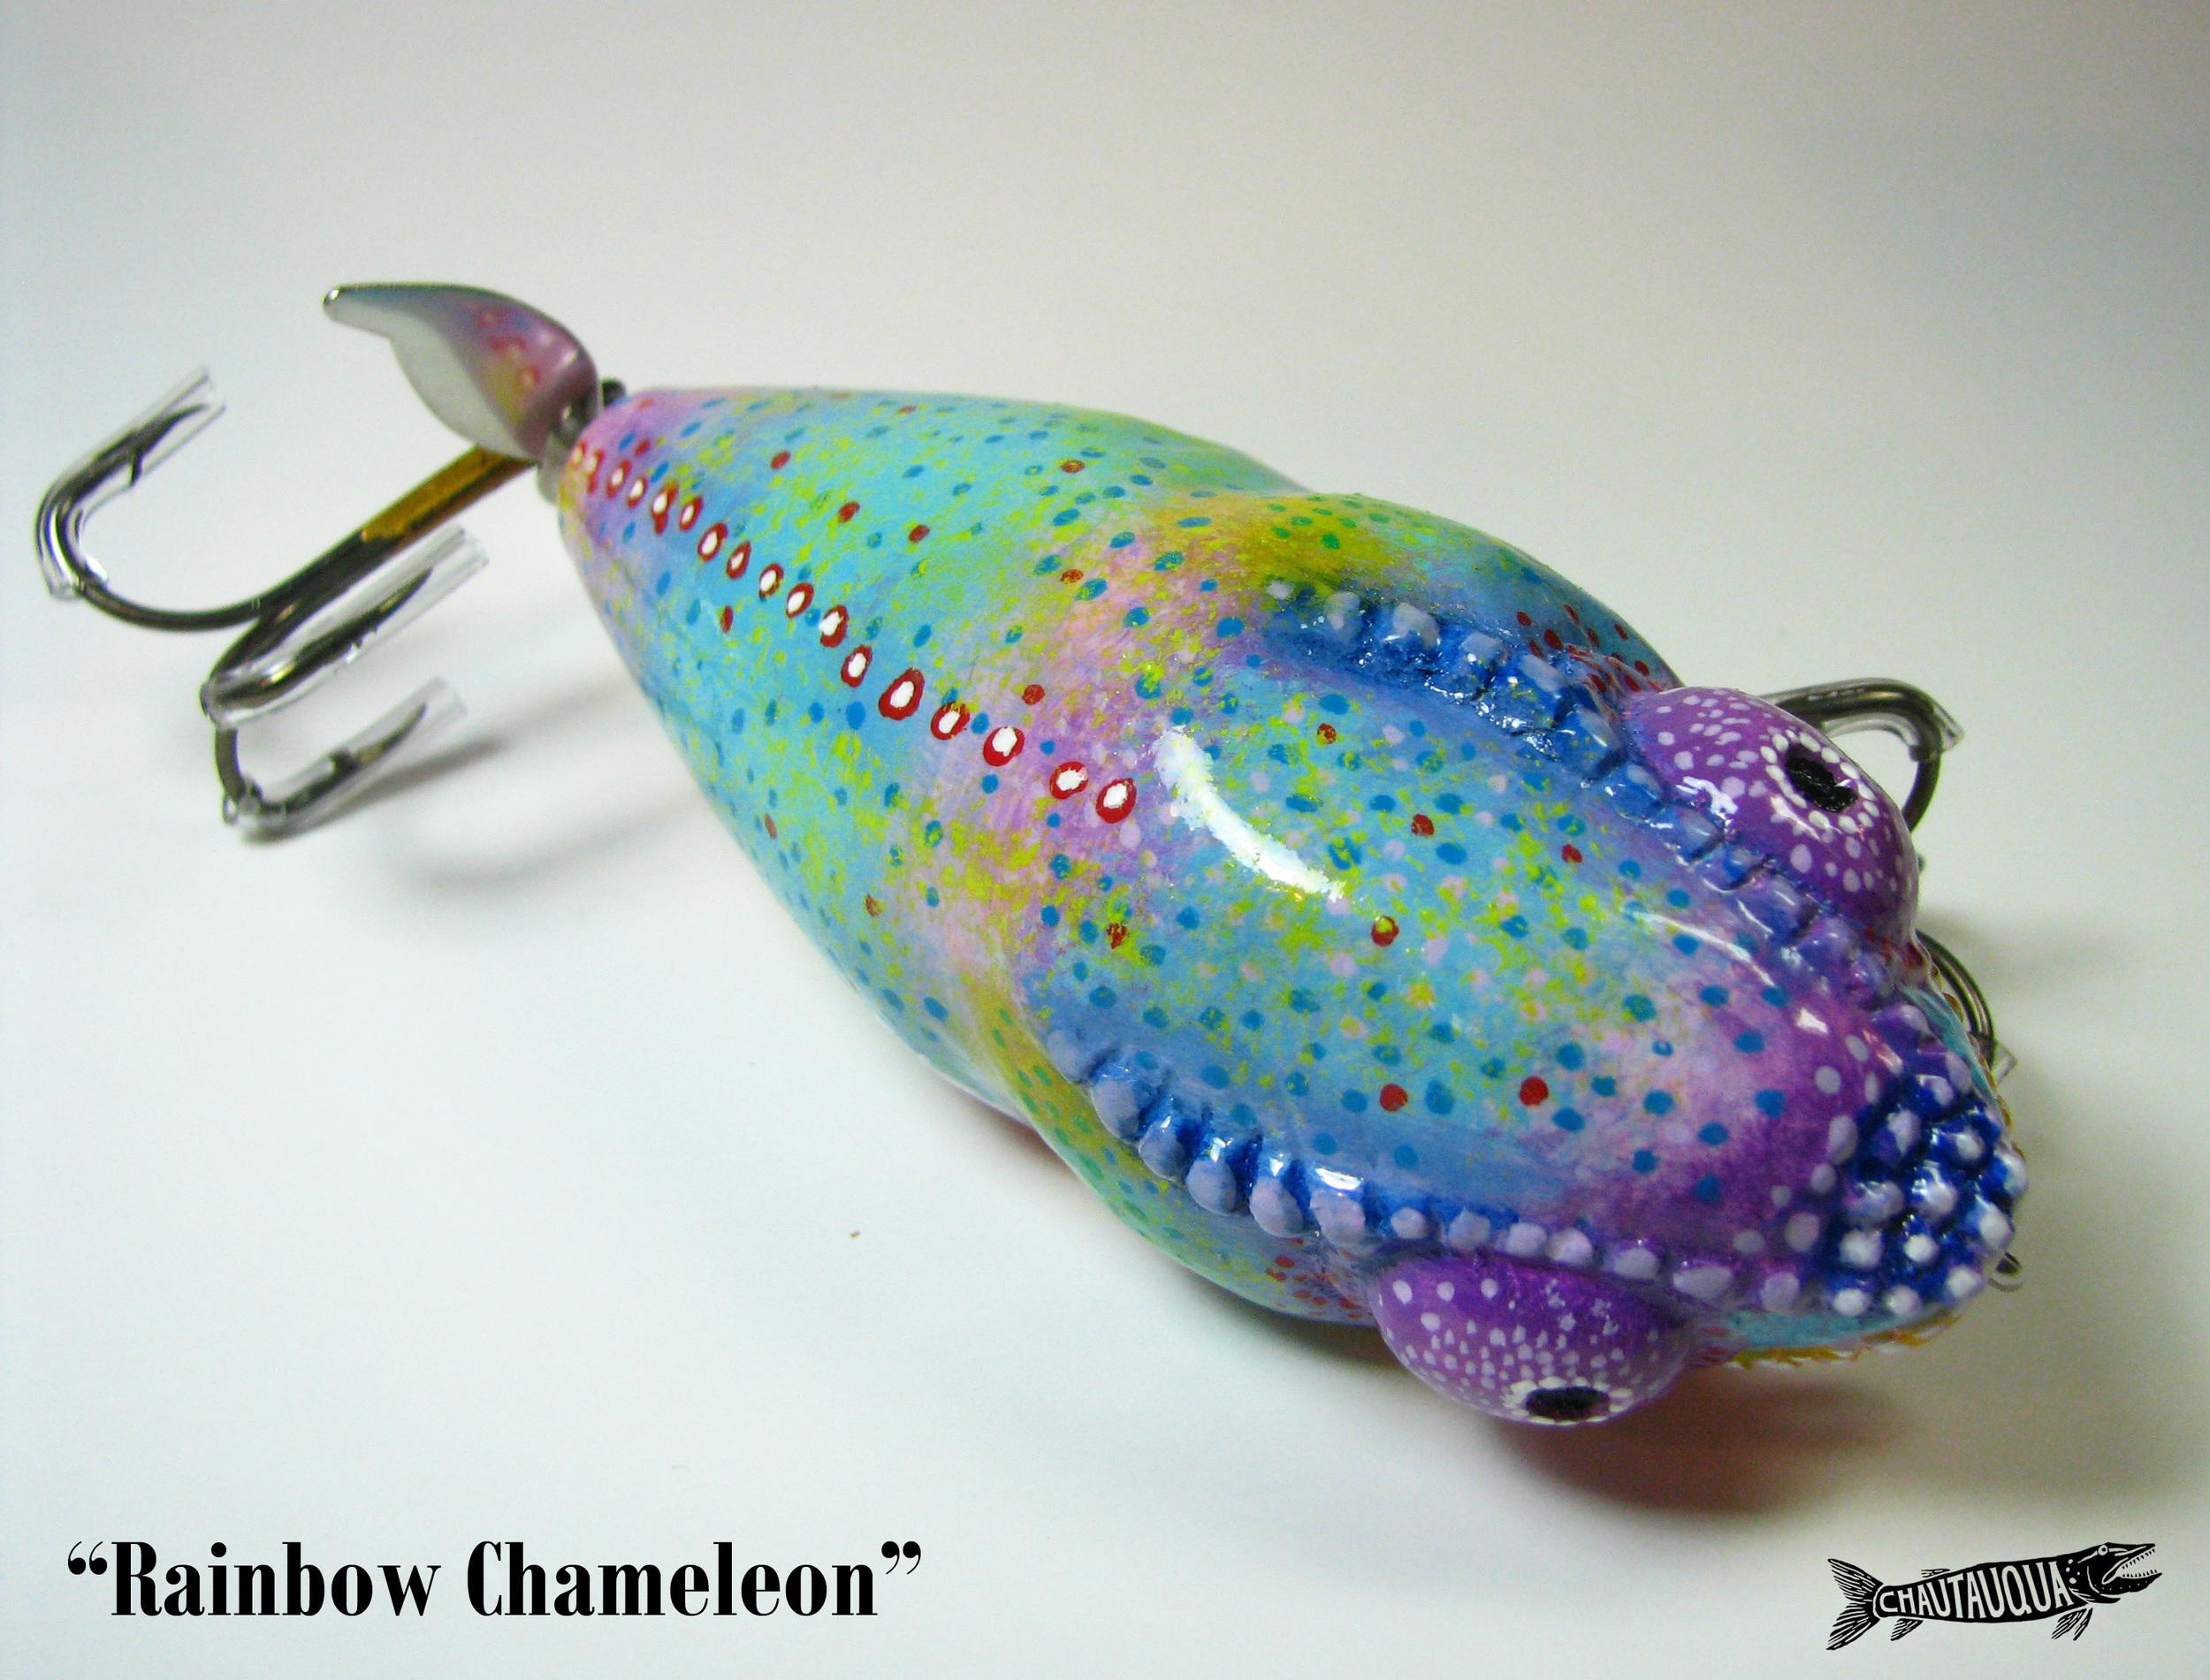 Rainbow Chameleon5.jpg